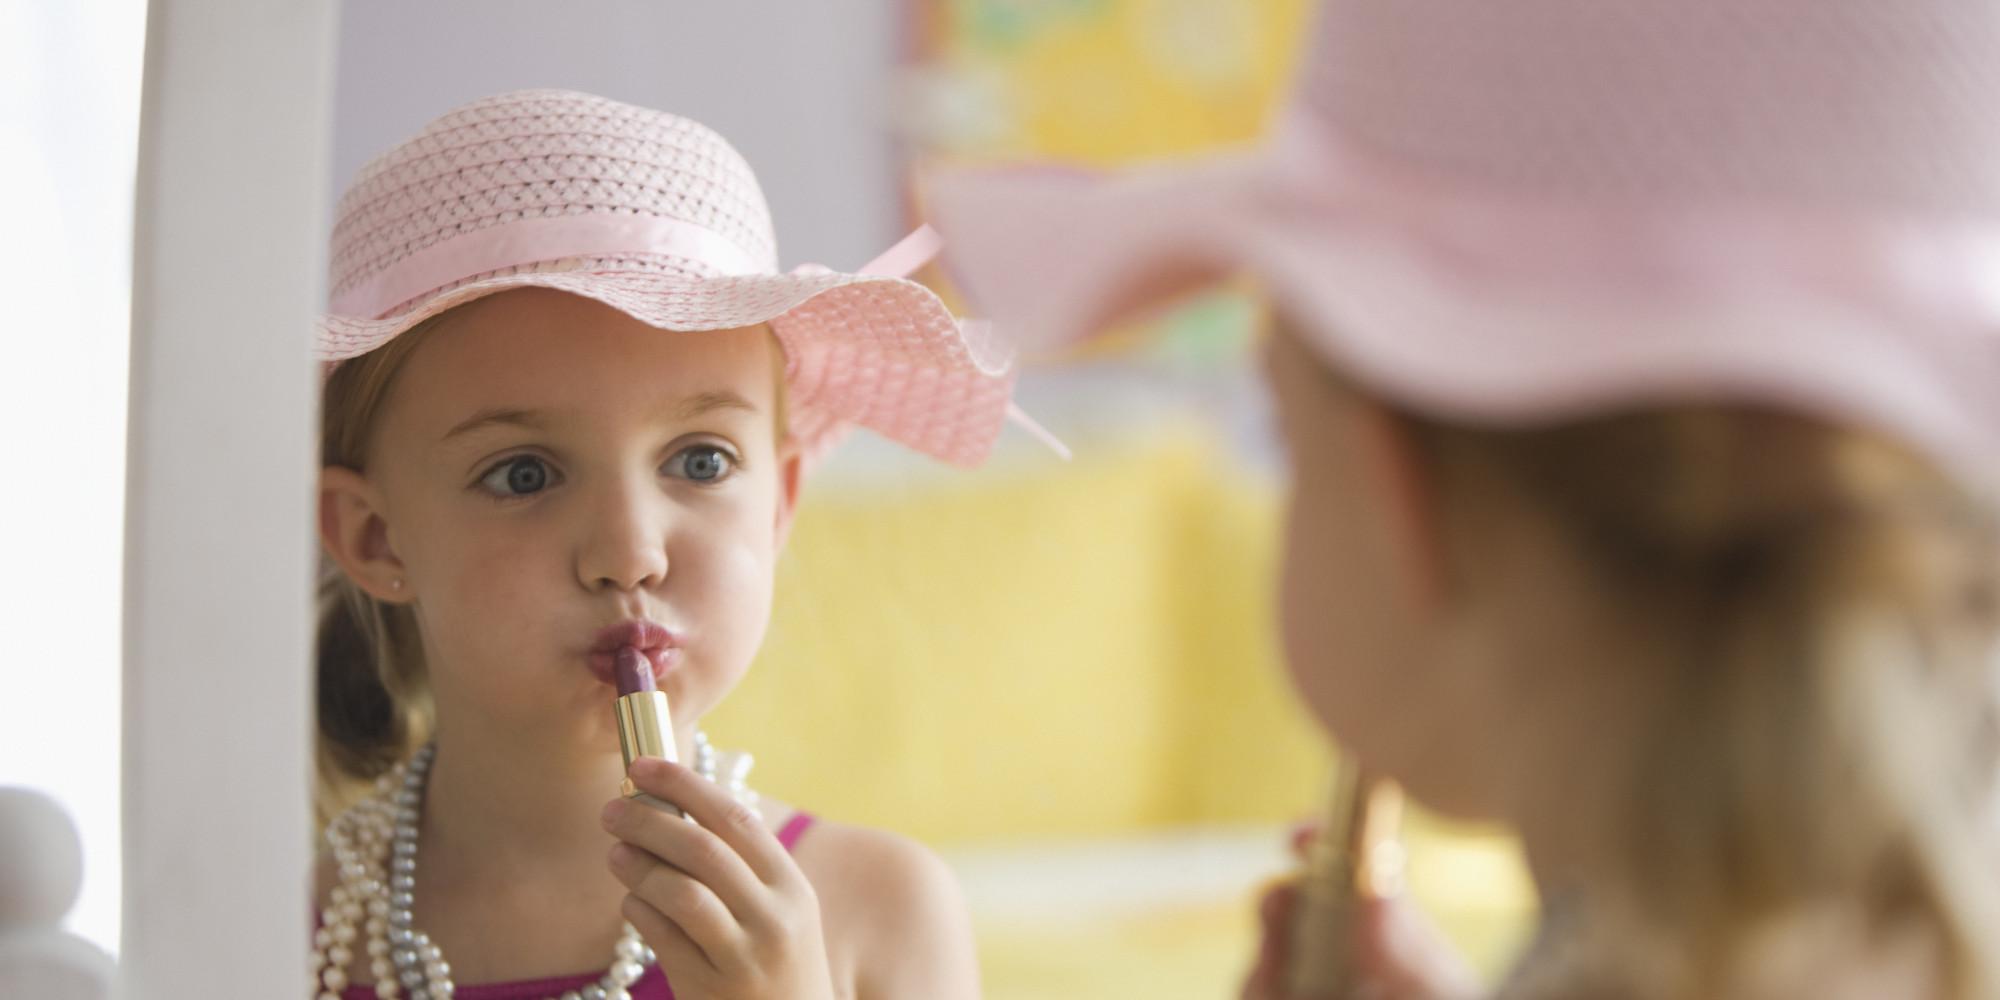 Cosméticos Infantis: Anvisa fixa regras para registro de produtos